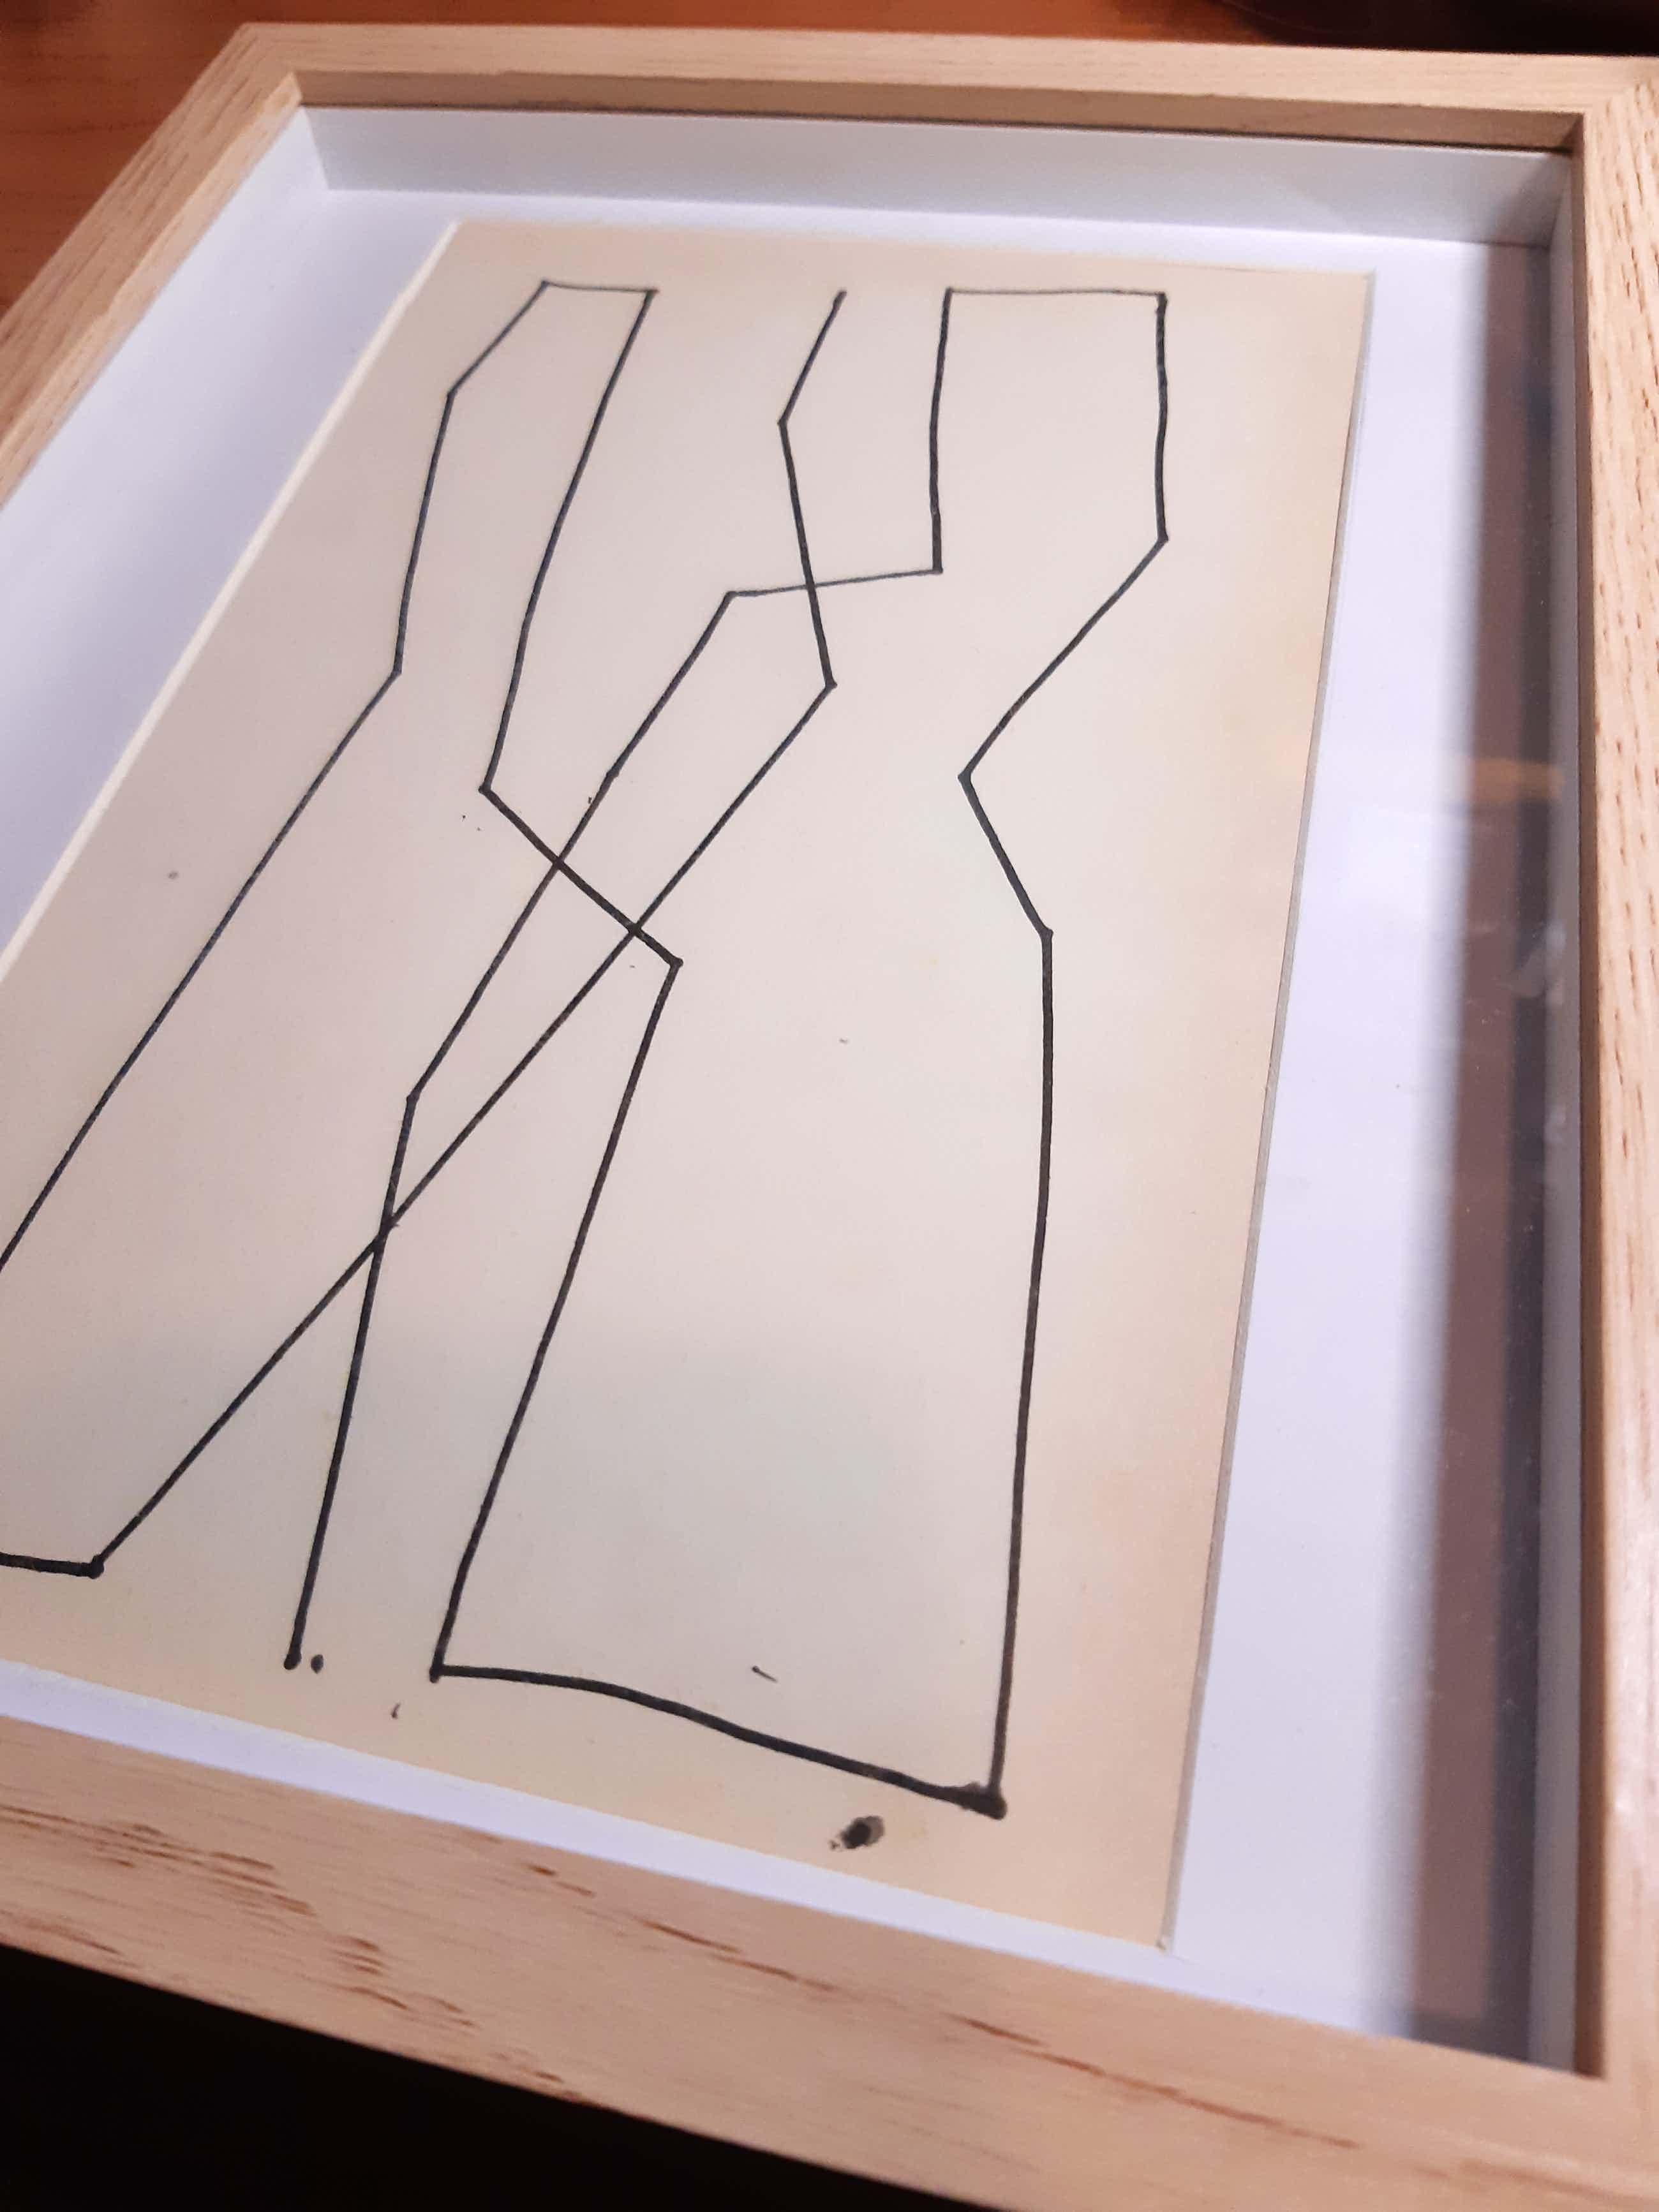 Siep van den Berg - Abstracte compositie kopen? Bied vanaf 60!